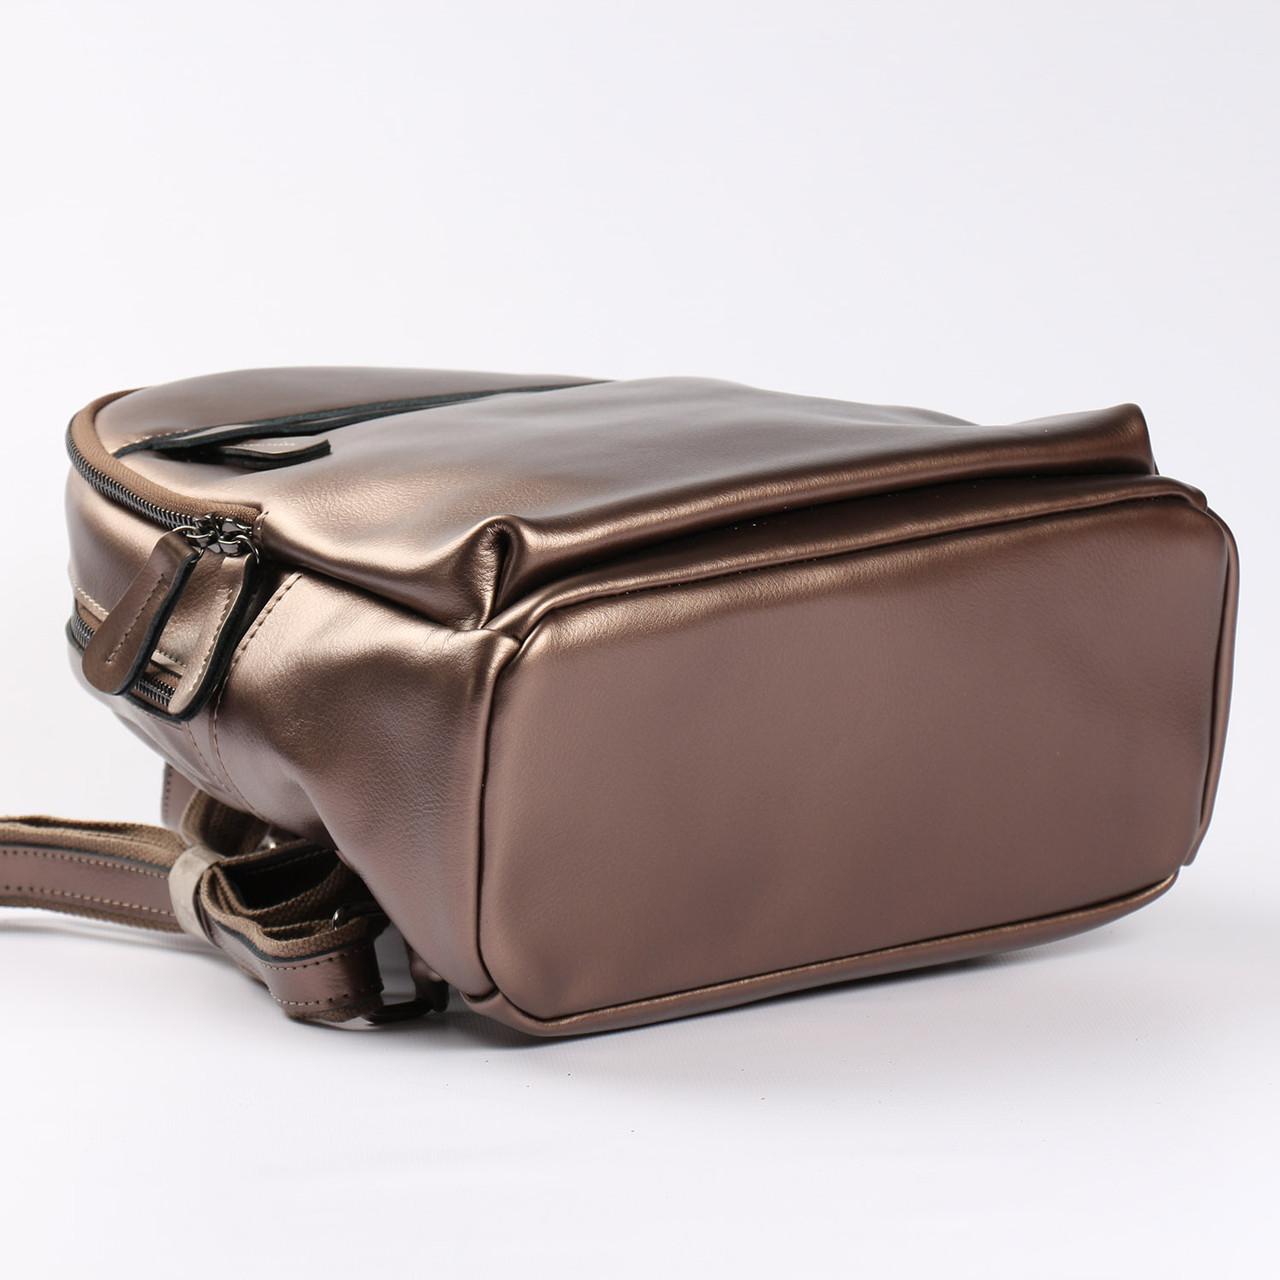 e44c64b6f370 Городской кожаный рюкзак для девушек бронзового цвета